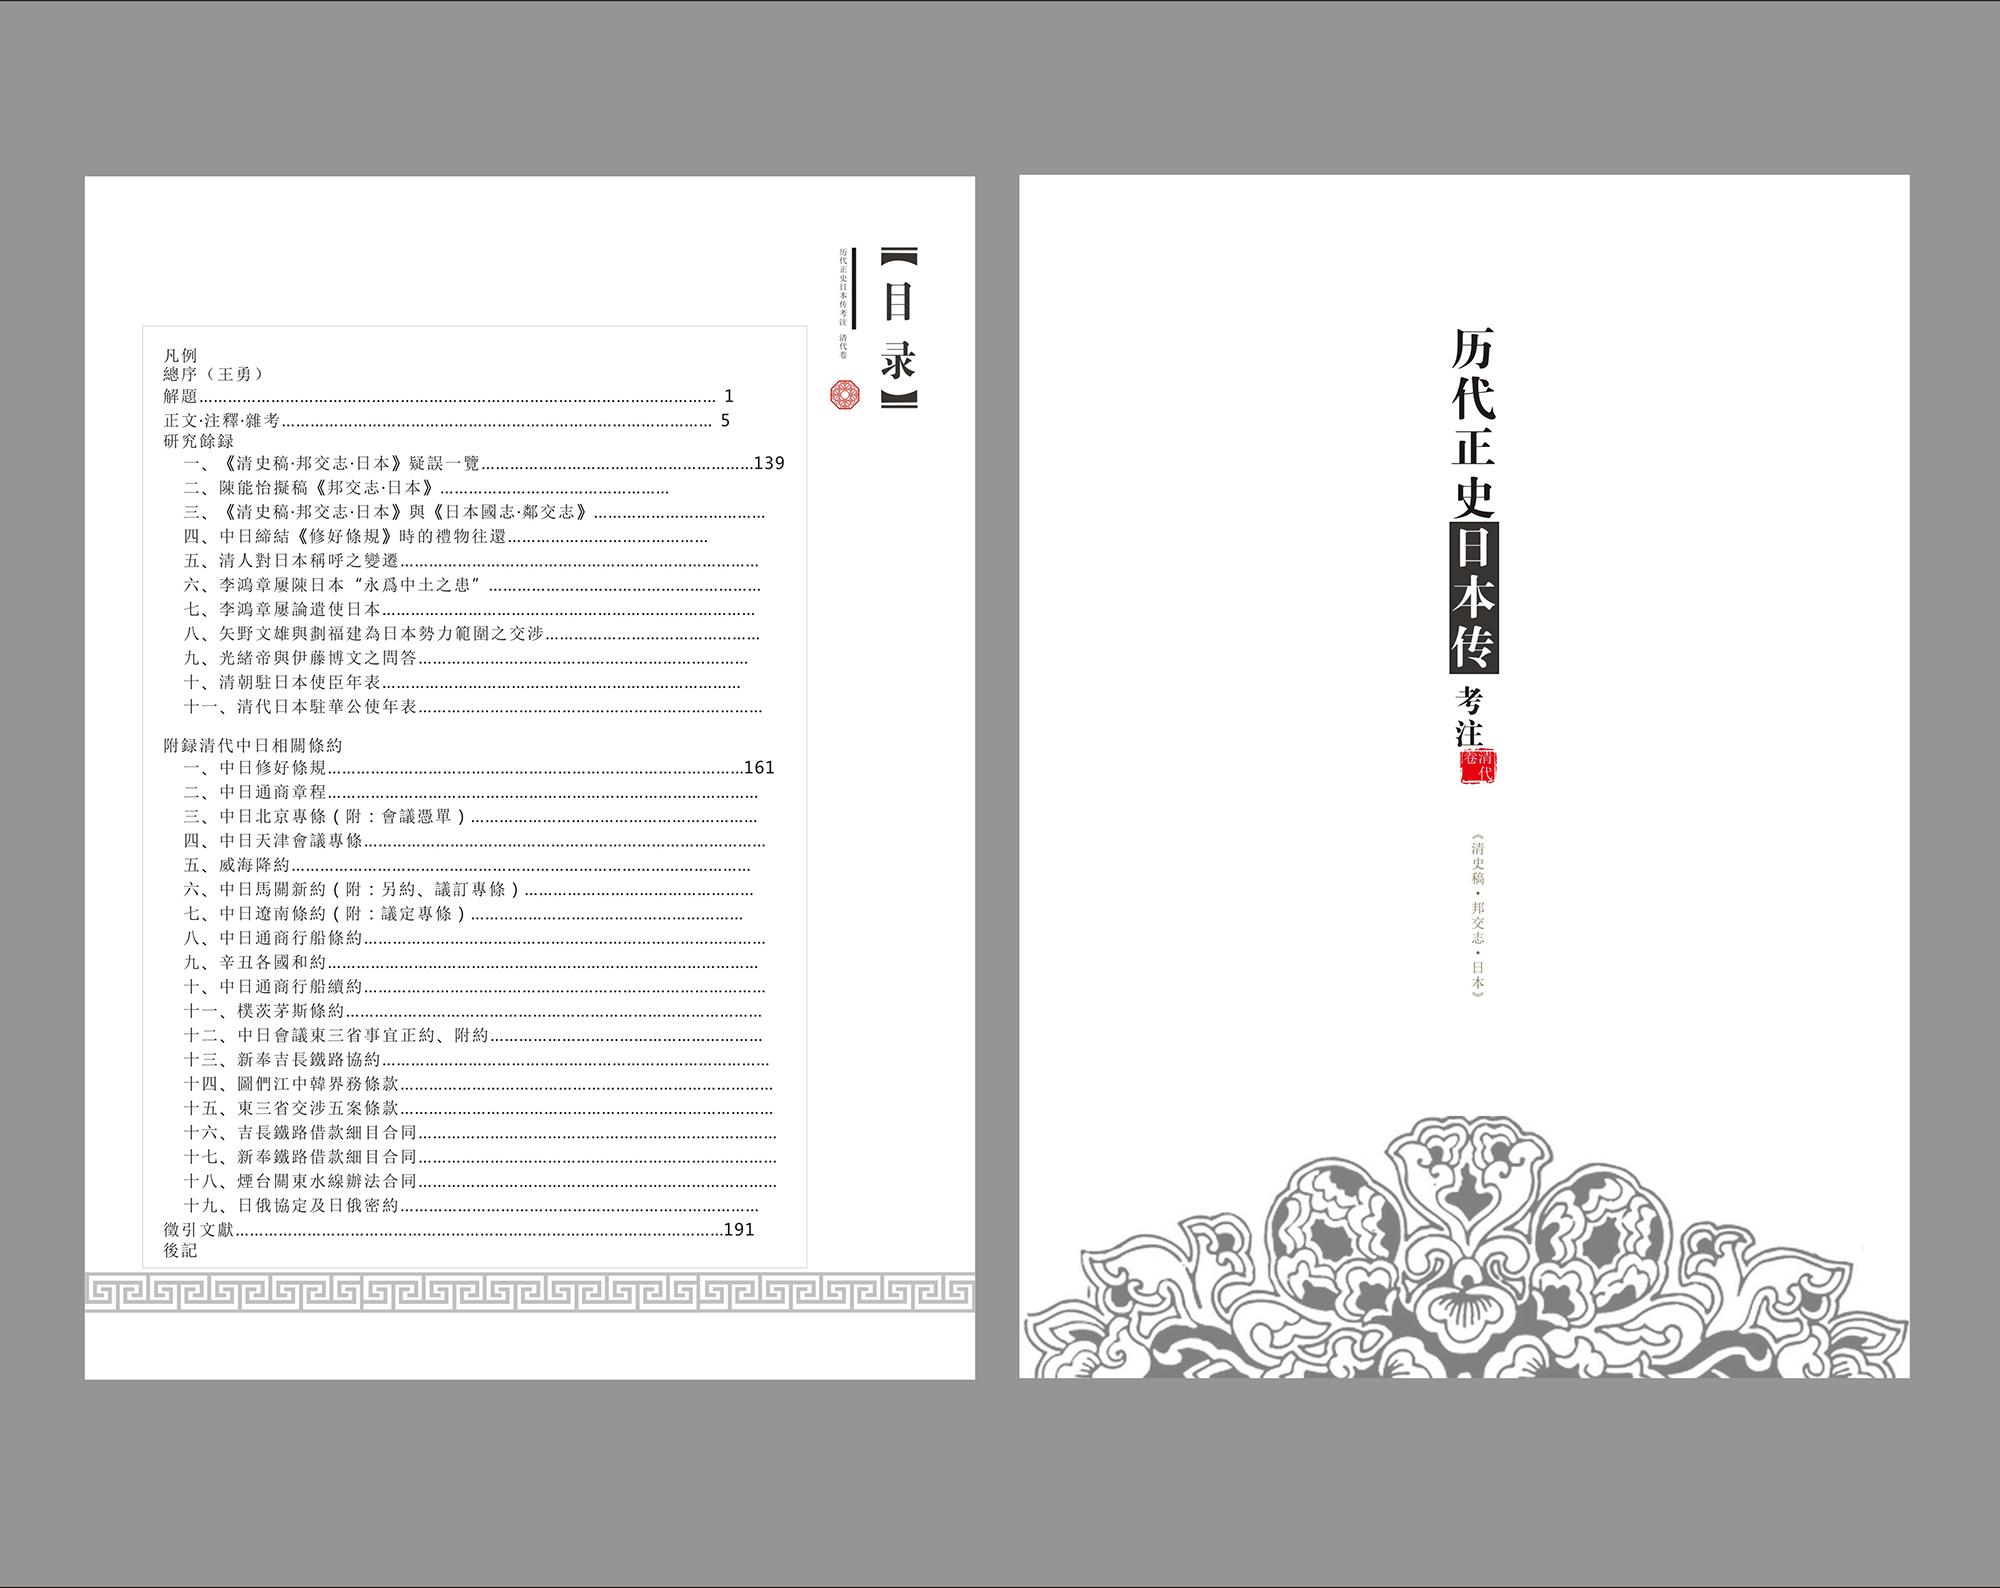 书籍版式设计急_mf18267123705_排版设计_1885731图片